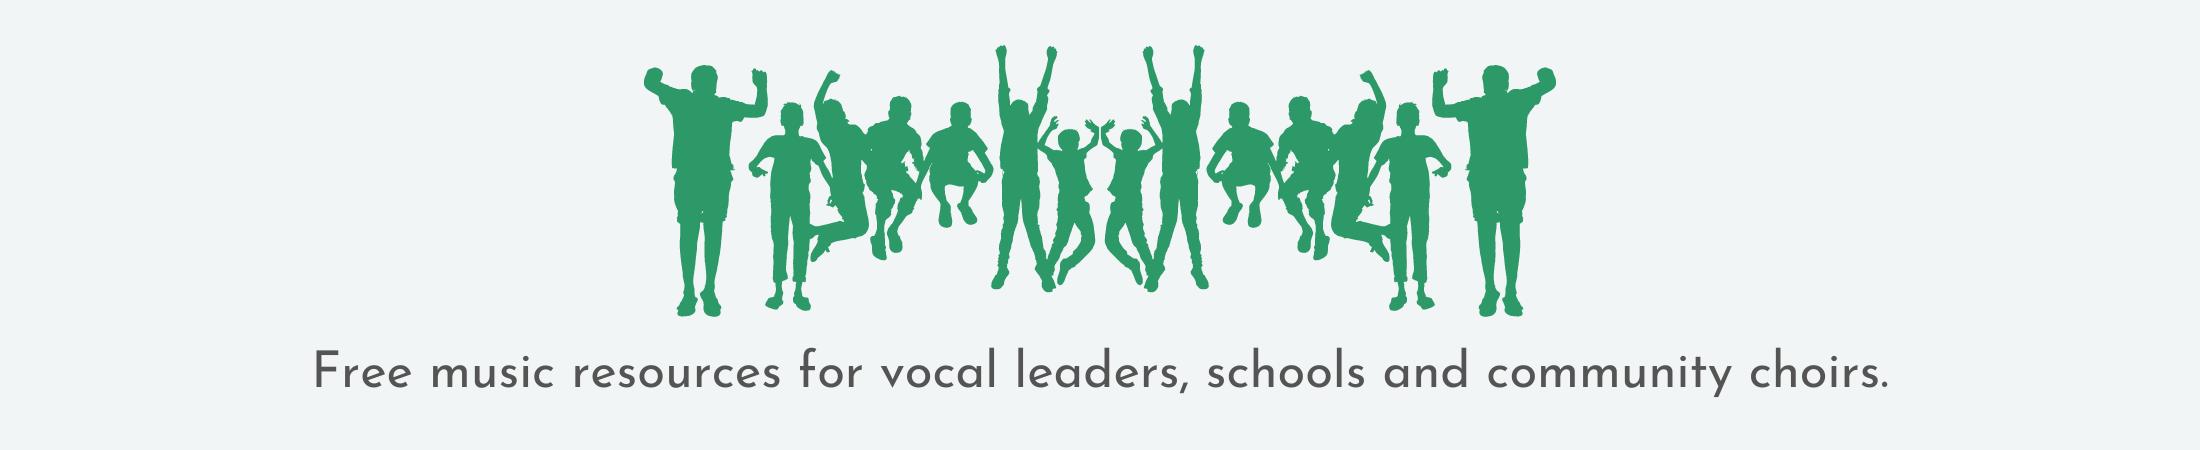 Vocal Union